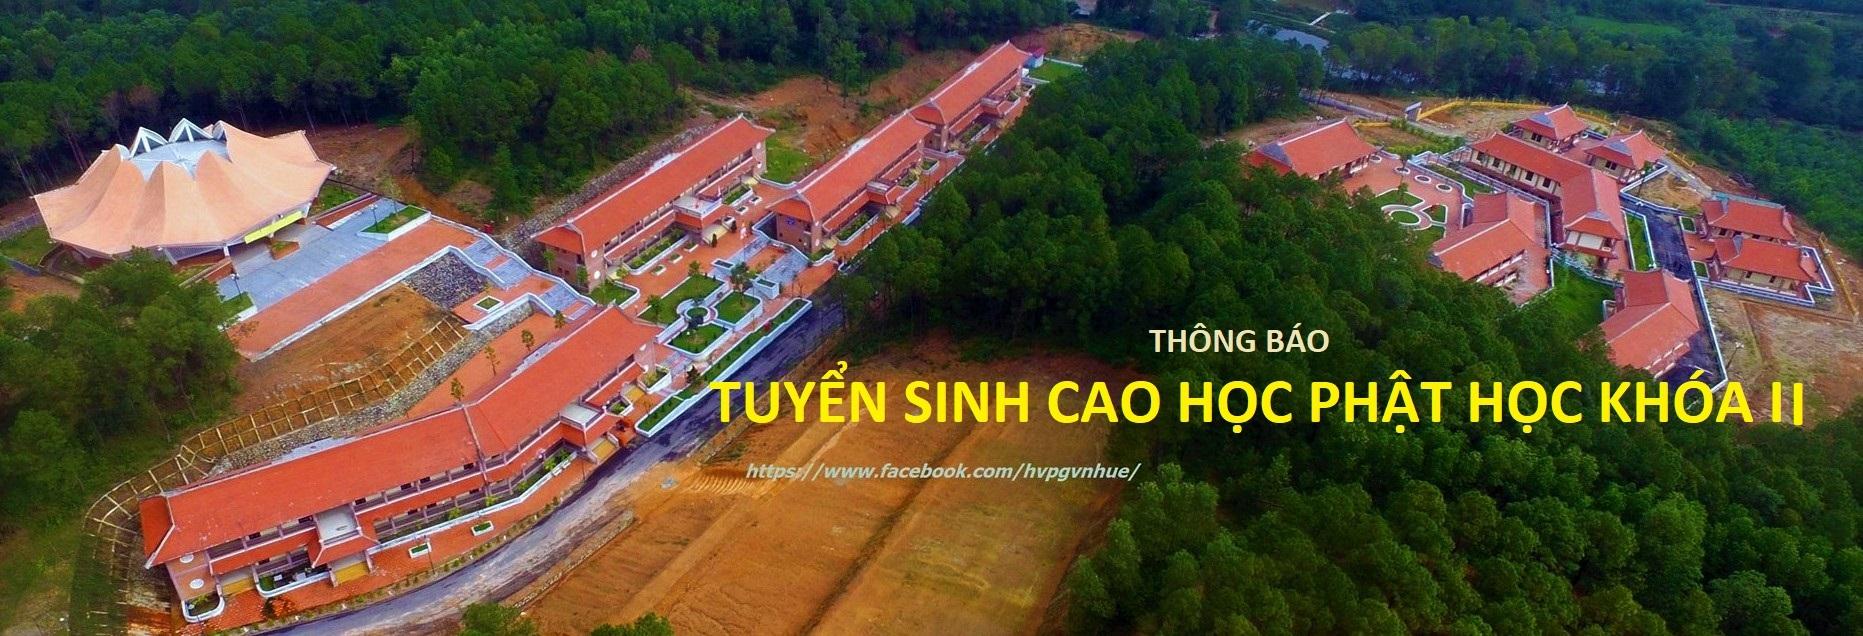 Học viện PGVN tại Huế tuyển sinh Thạc sĩ Phật học khóa II (2021-2023)